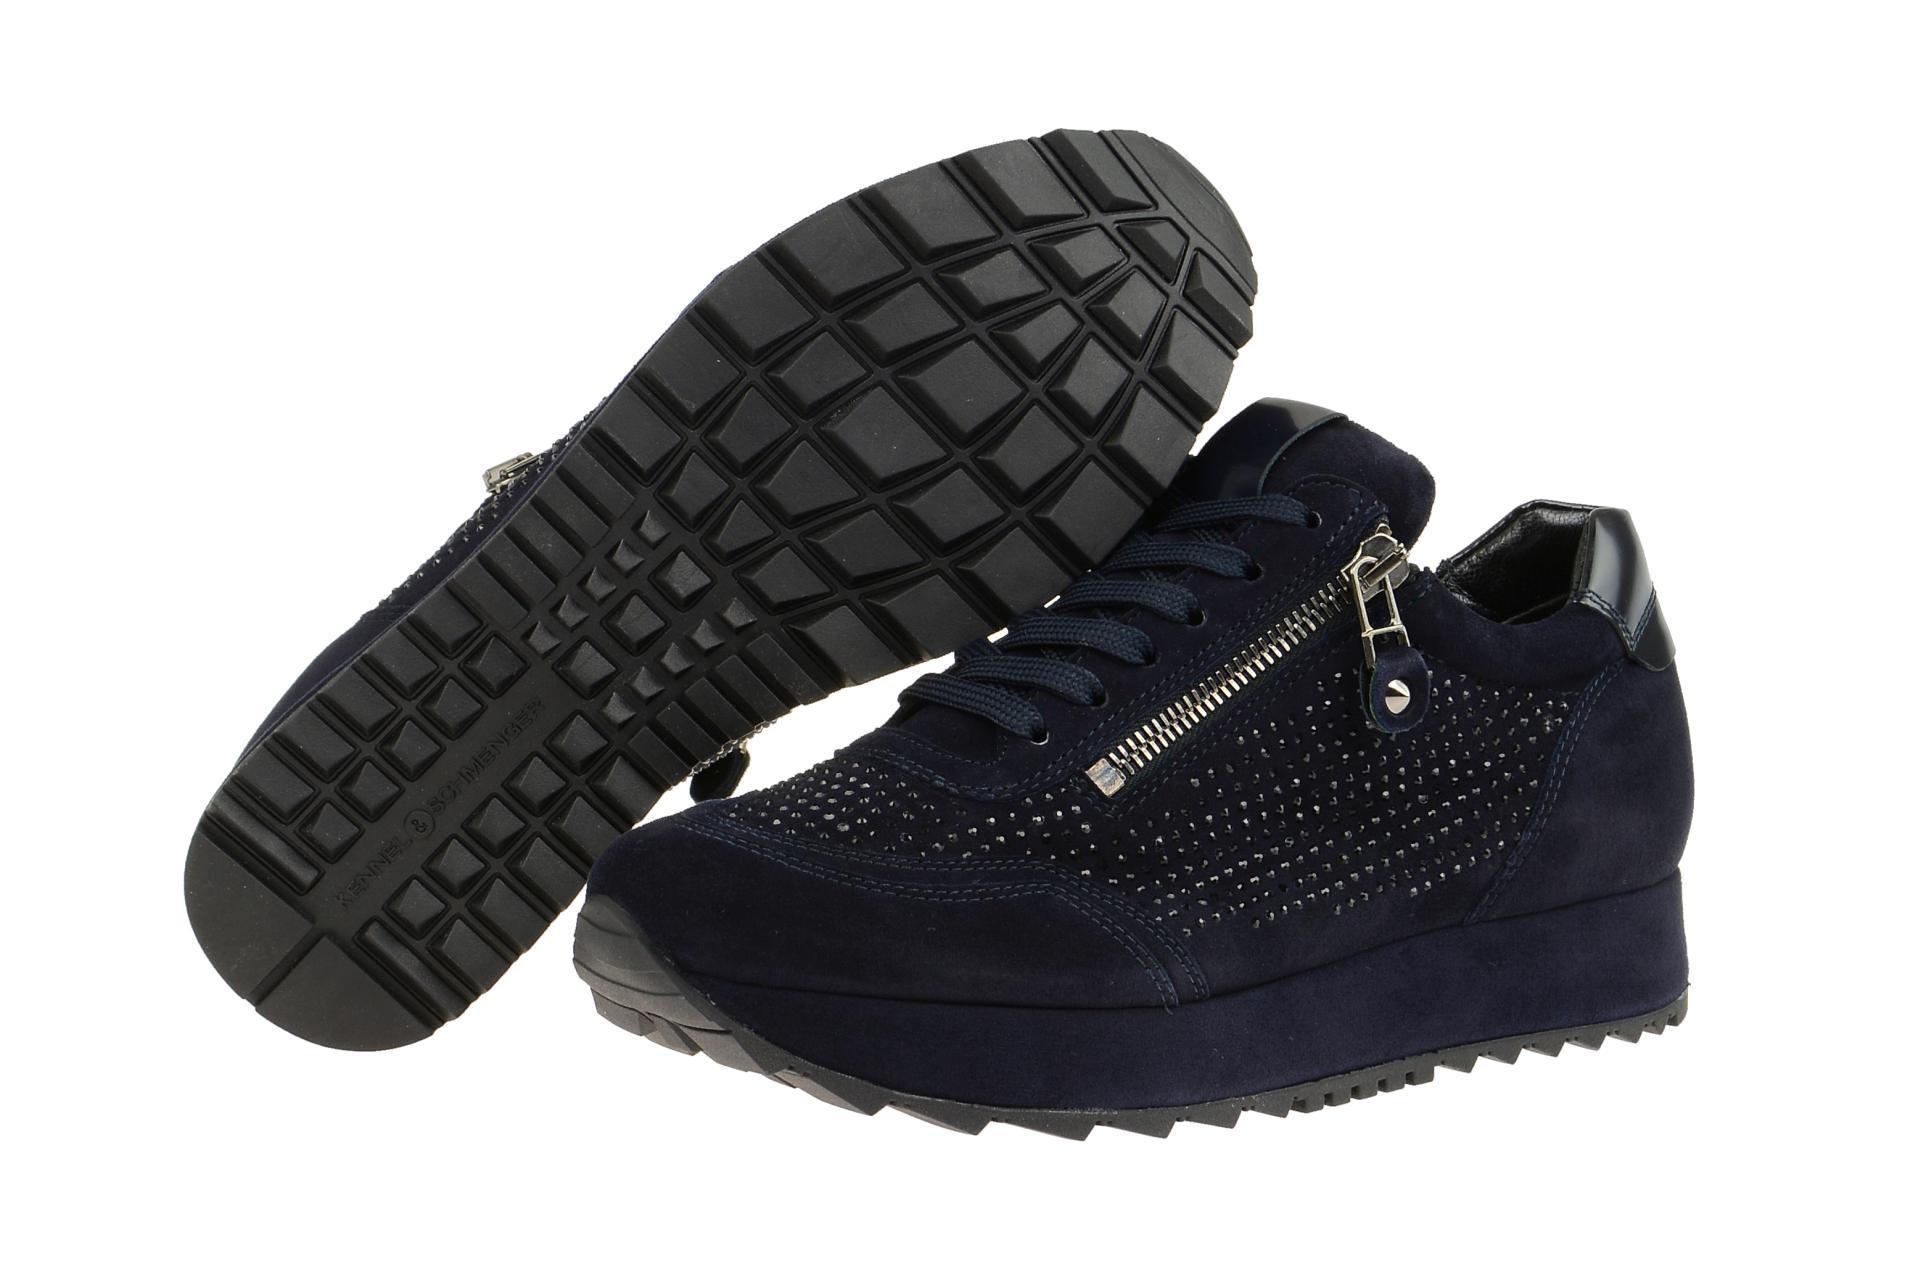 kennel und schmenger damen basket stiefel blau pacific sohle weiss 39 eu botschaft. Black Bedroom Furniture Sets. Home Design Ideas